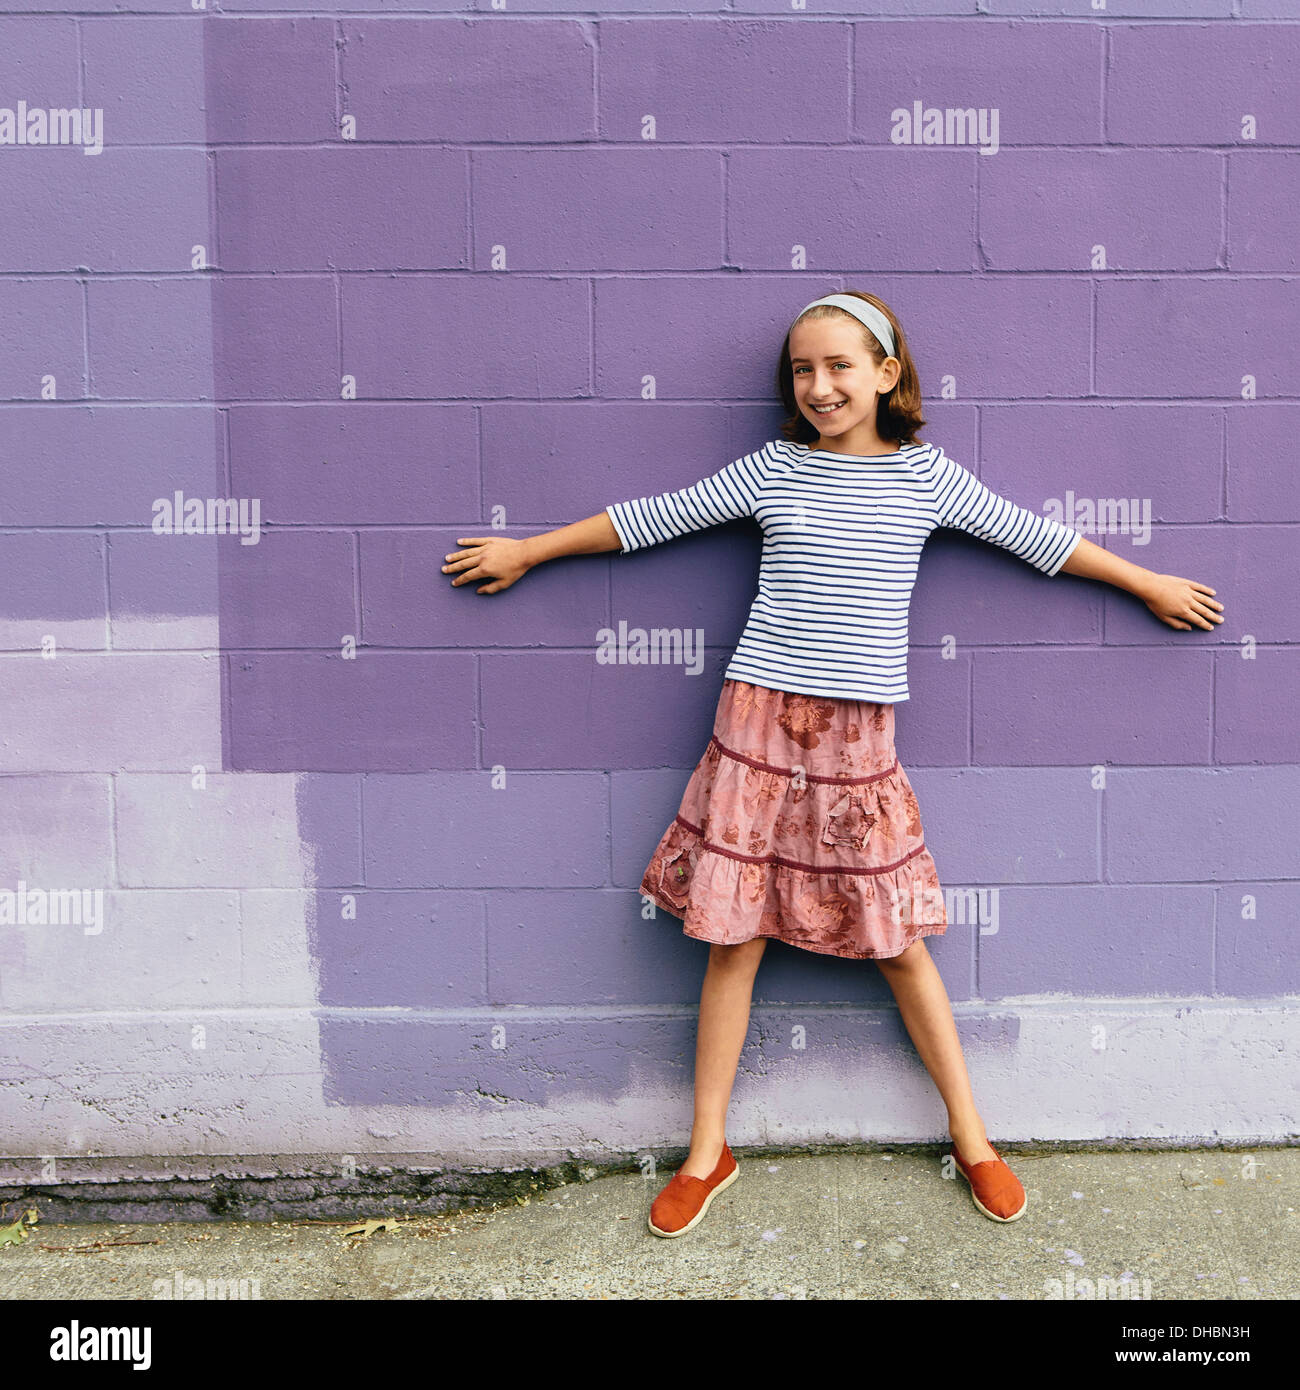 Une fillette de dix ans dans une jupe à plusieurs niveaux, debout avec son bras tendus, appuyé contre un mur. Photo Stock